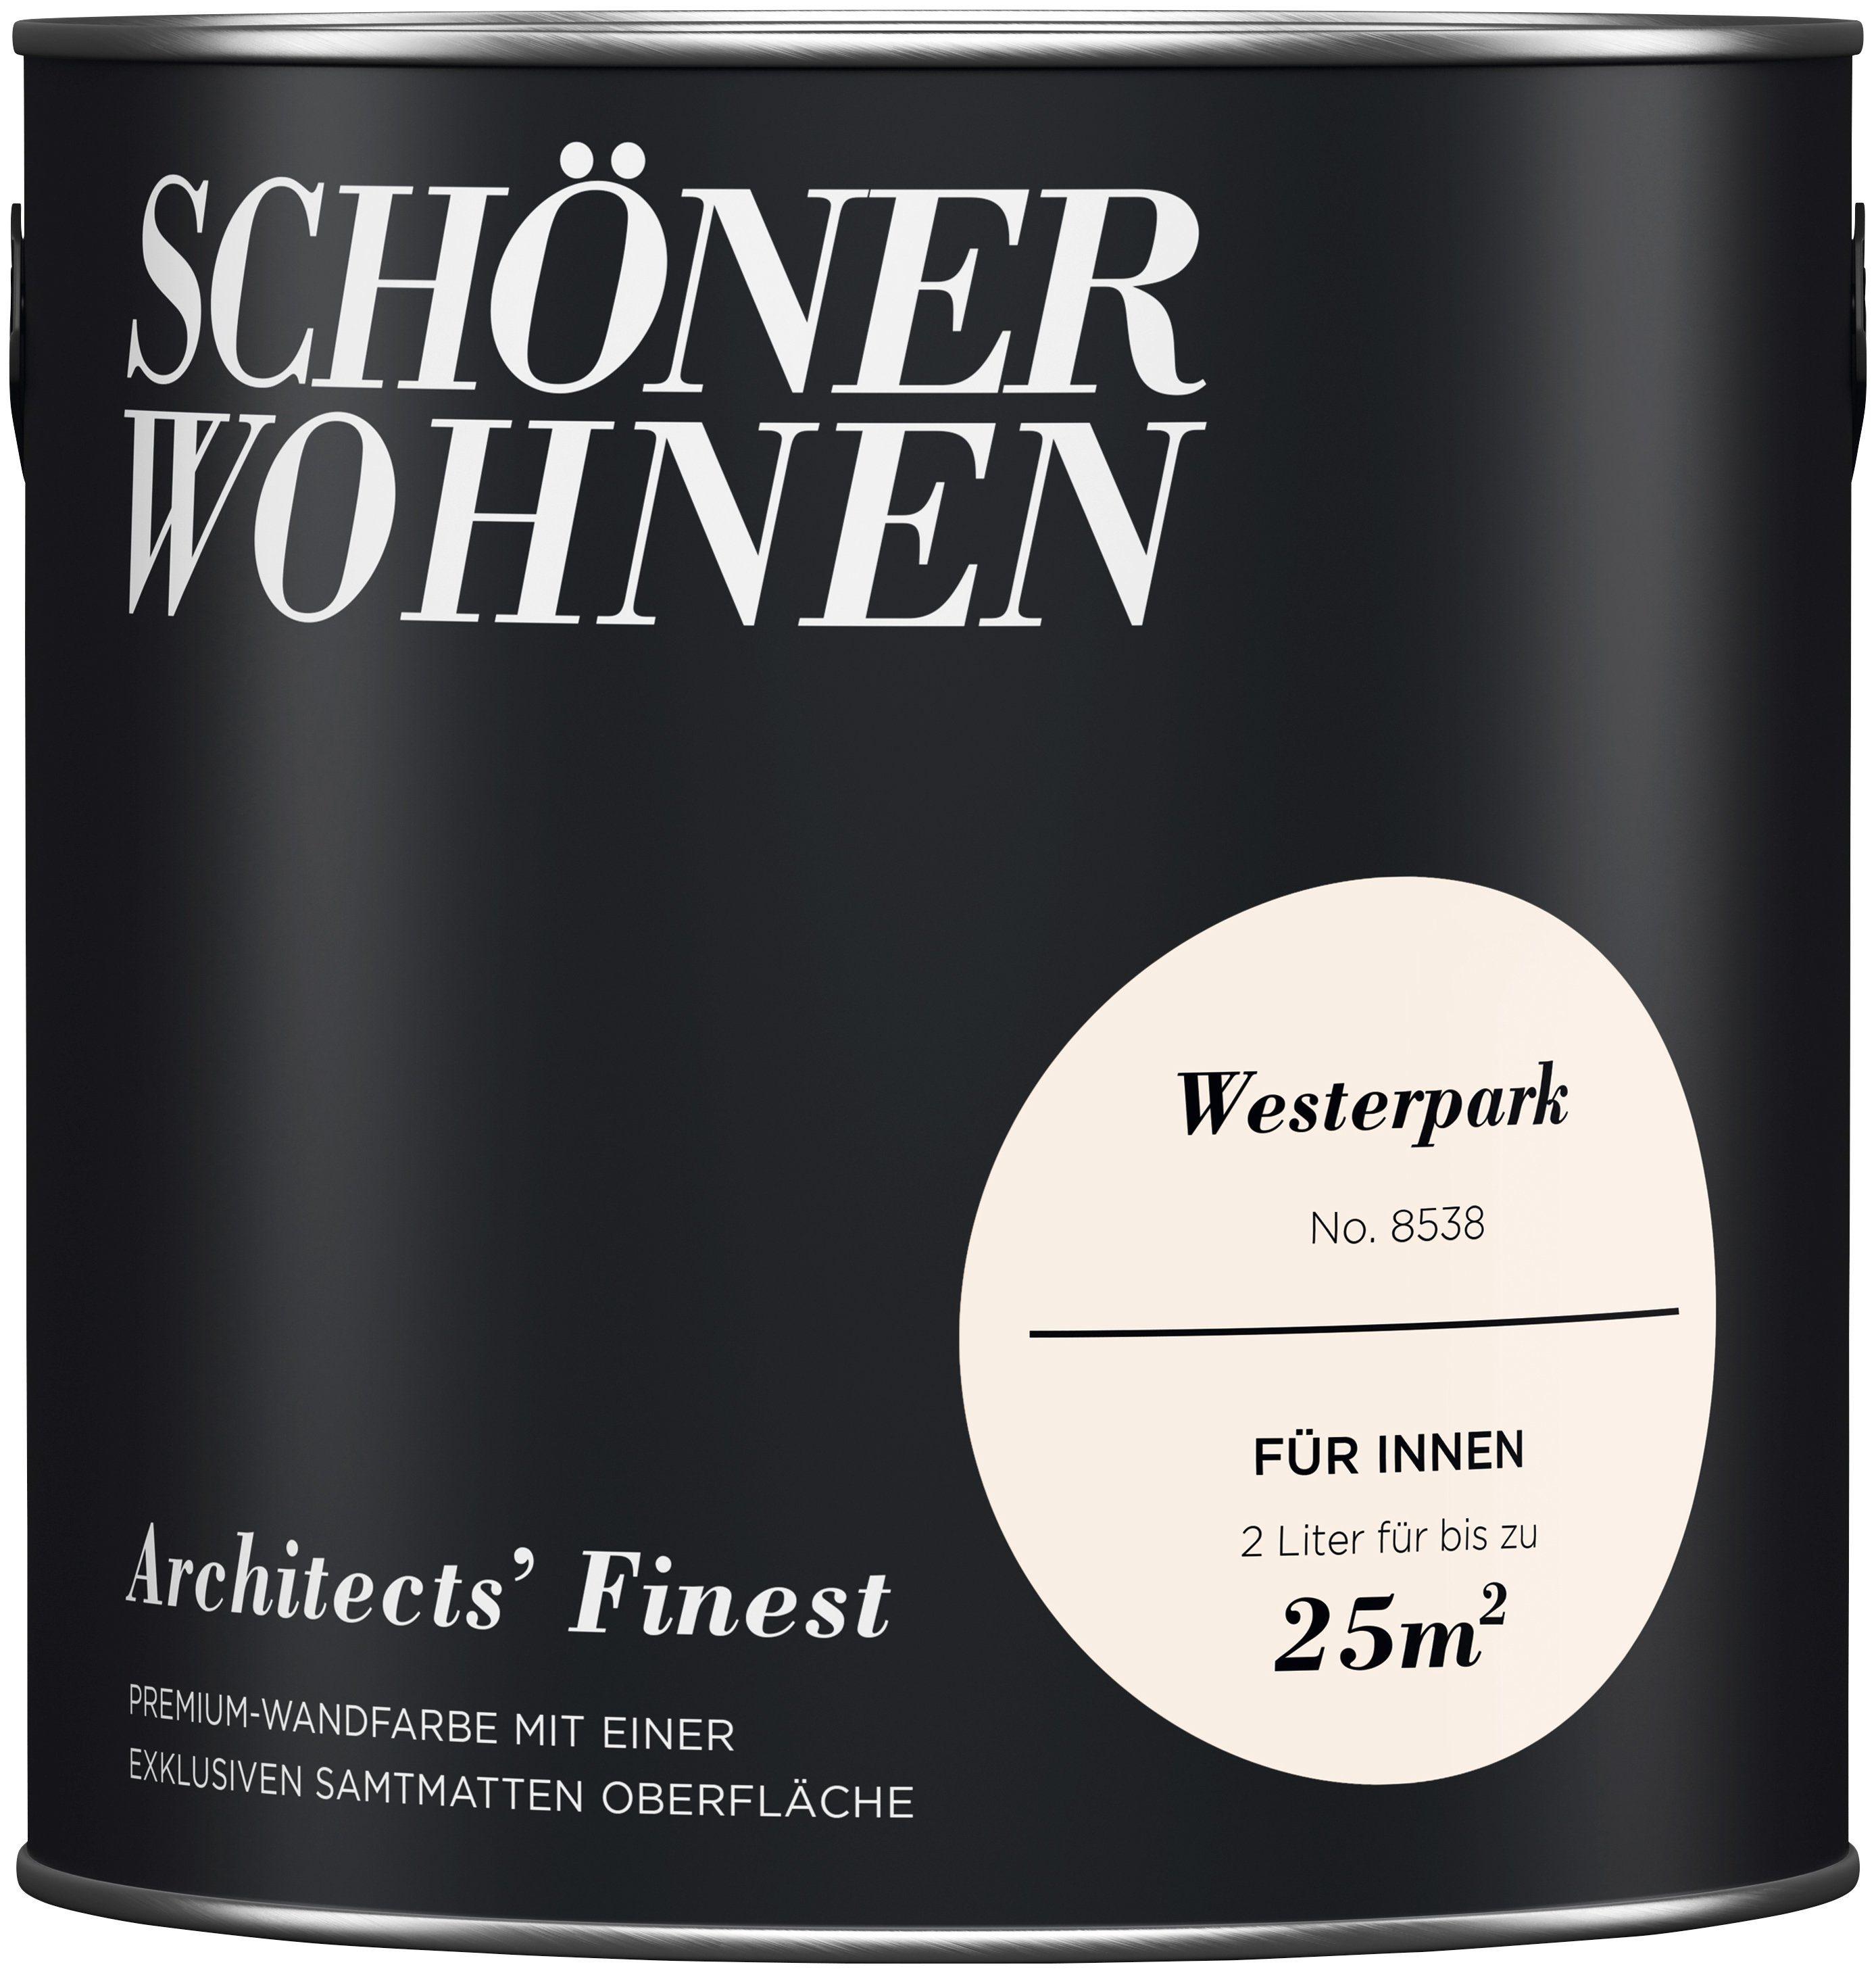 SCHÖNER WOHNEN-FARBE Wand- und Deckenfarbe »Architects' Finest«, Westerpark